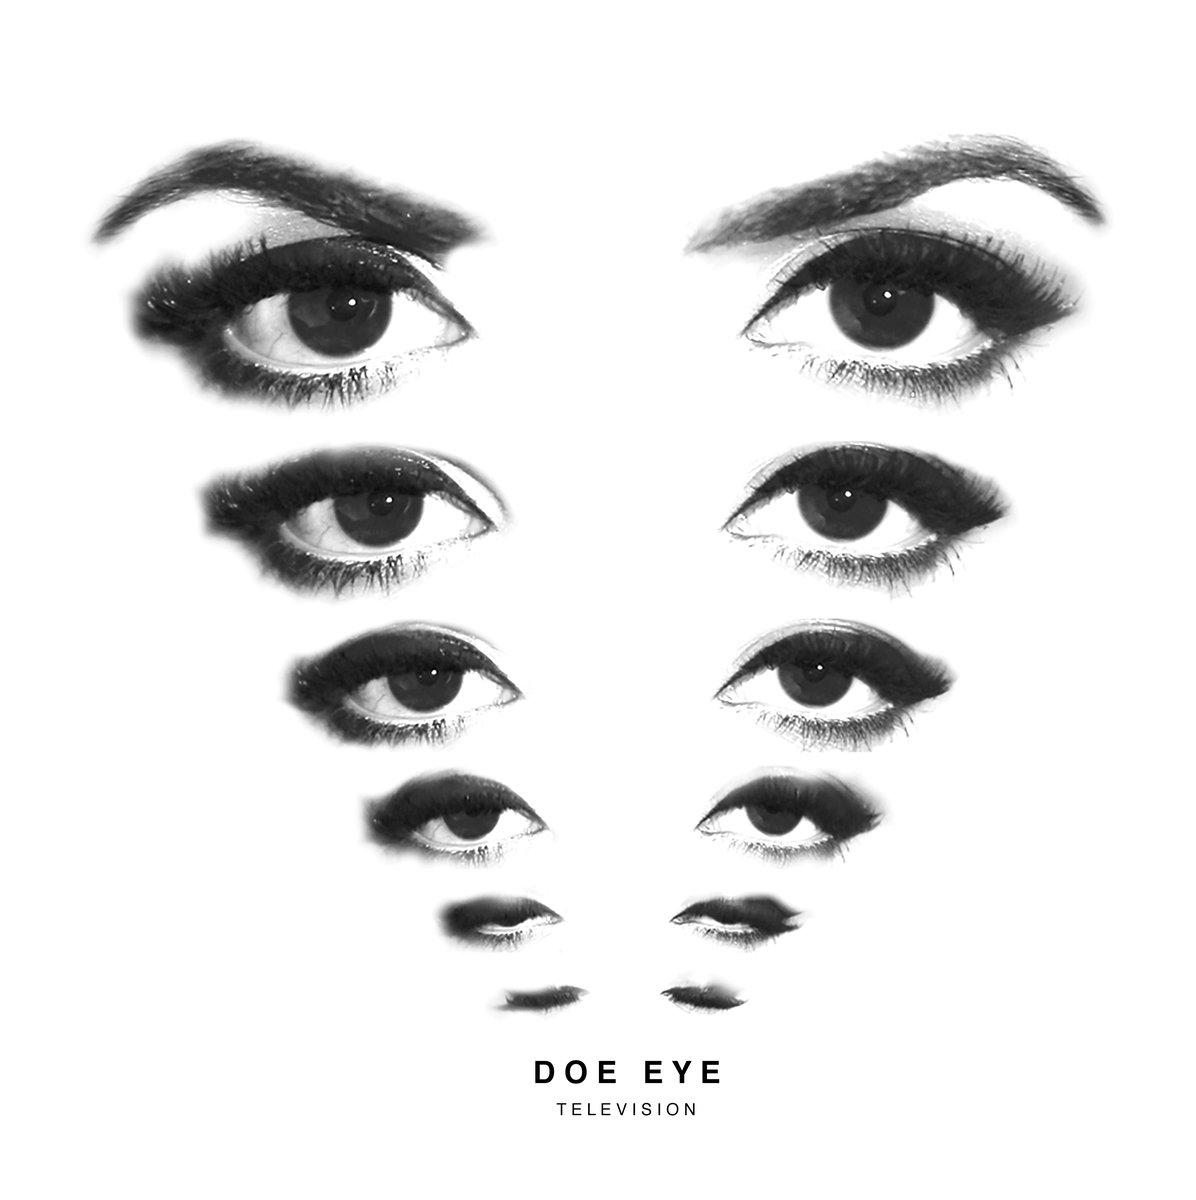 doe eye - television.jpg